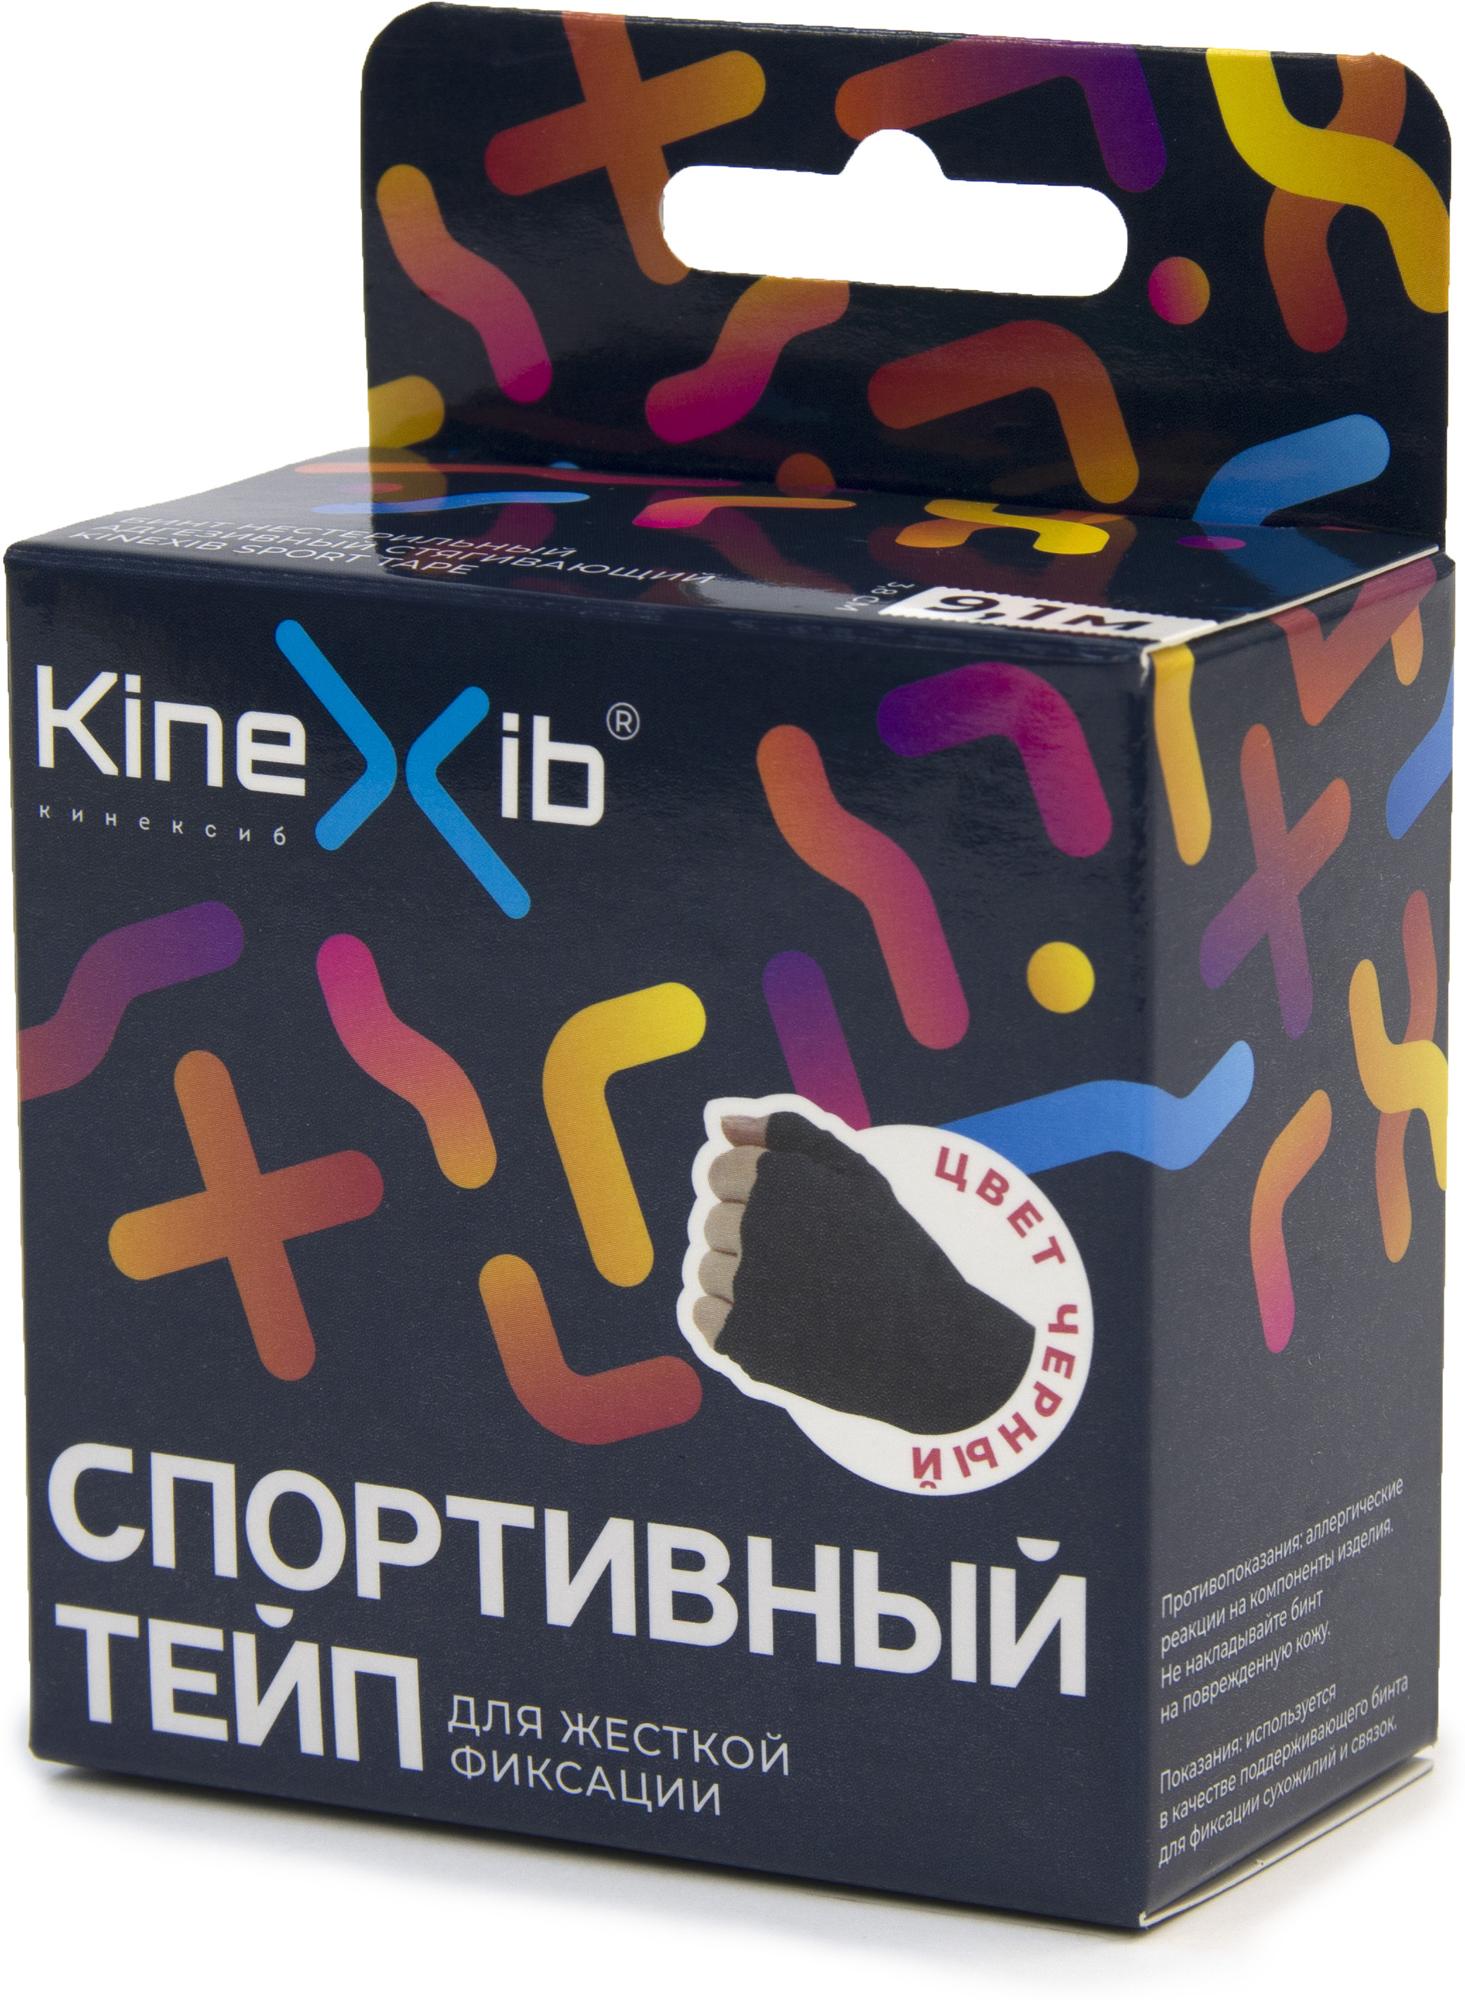 Kinexib Спортивный тейп Kinexib Sport, 9,1 м цена и фото